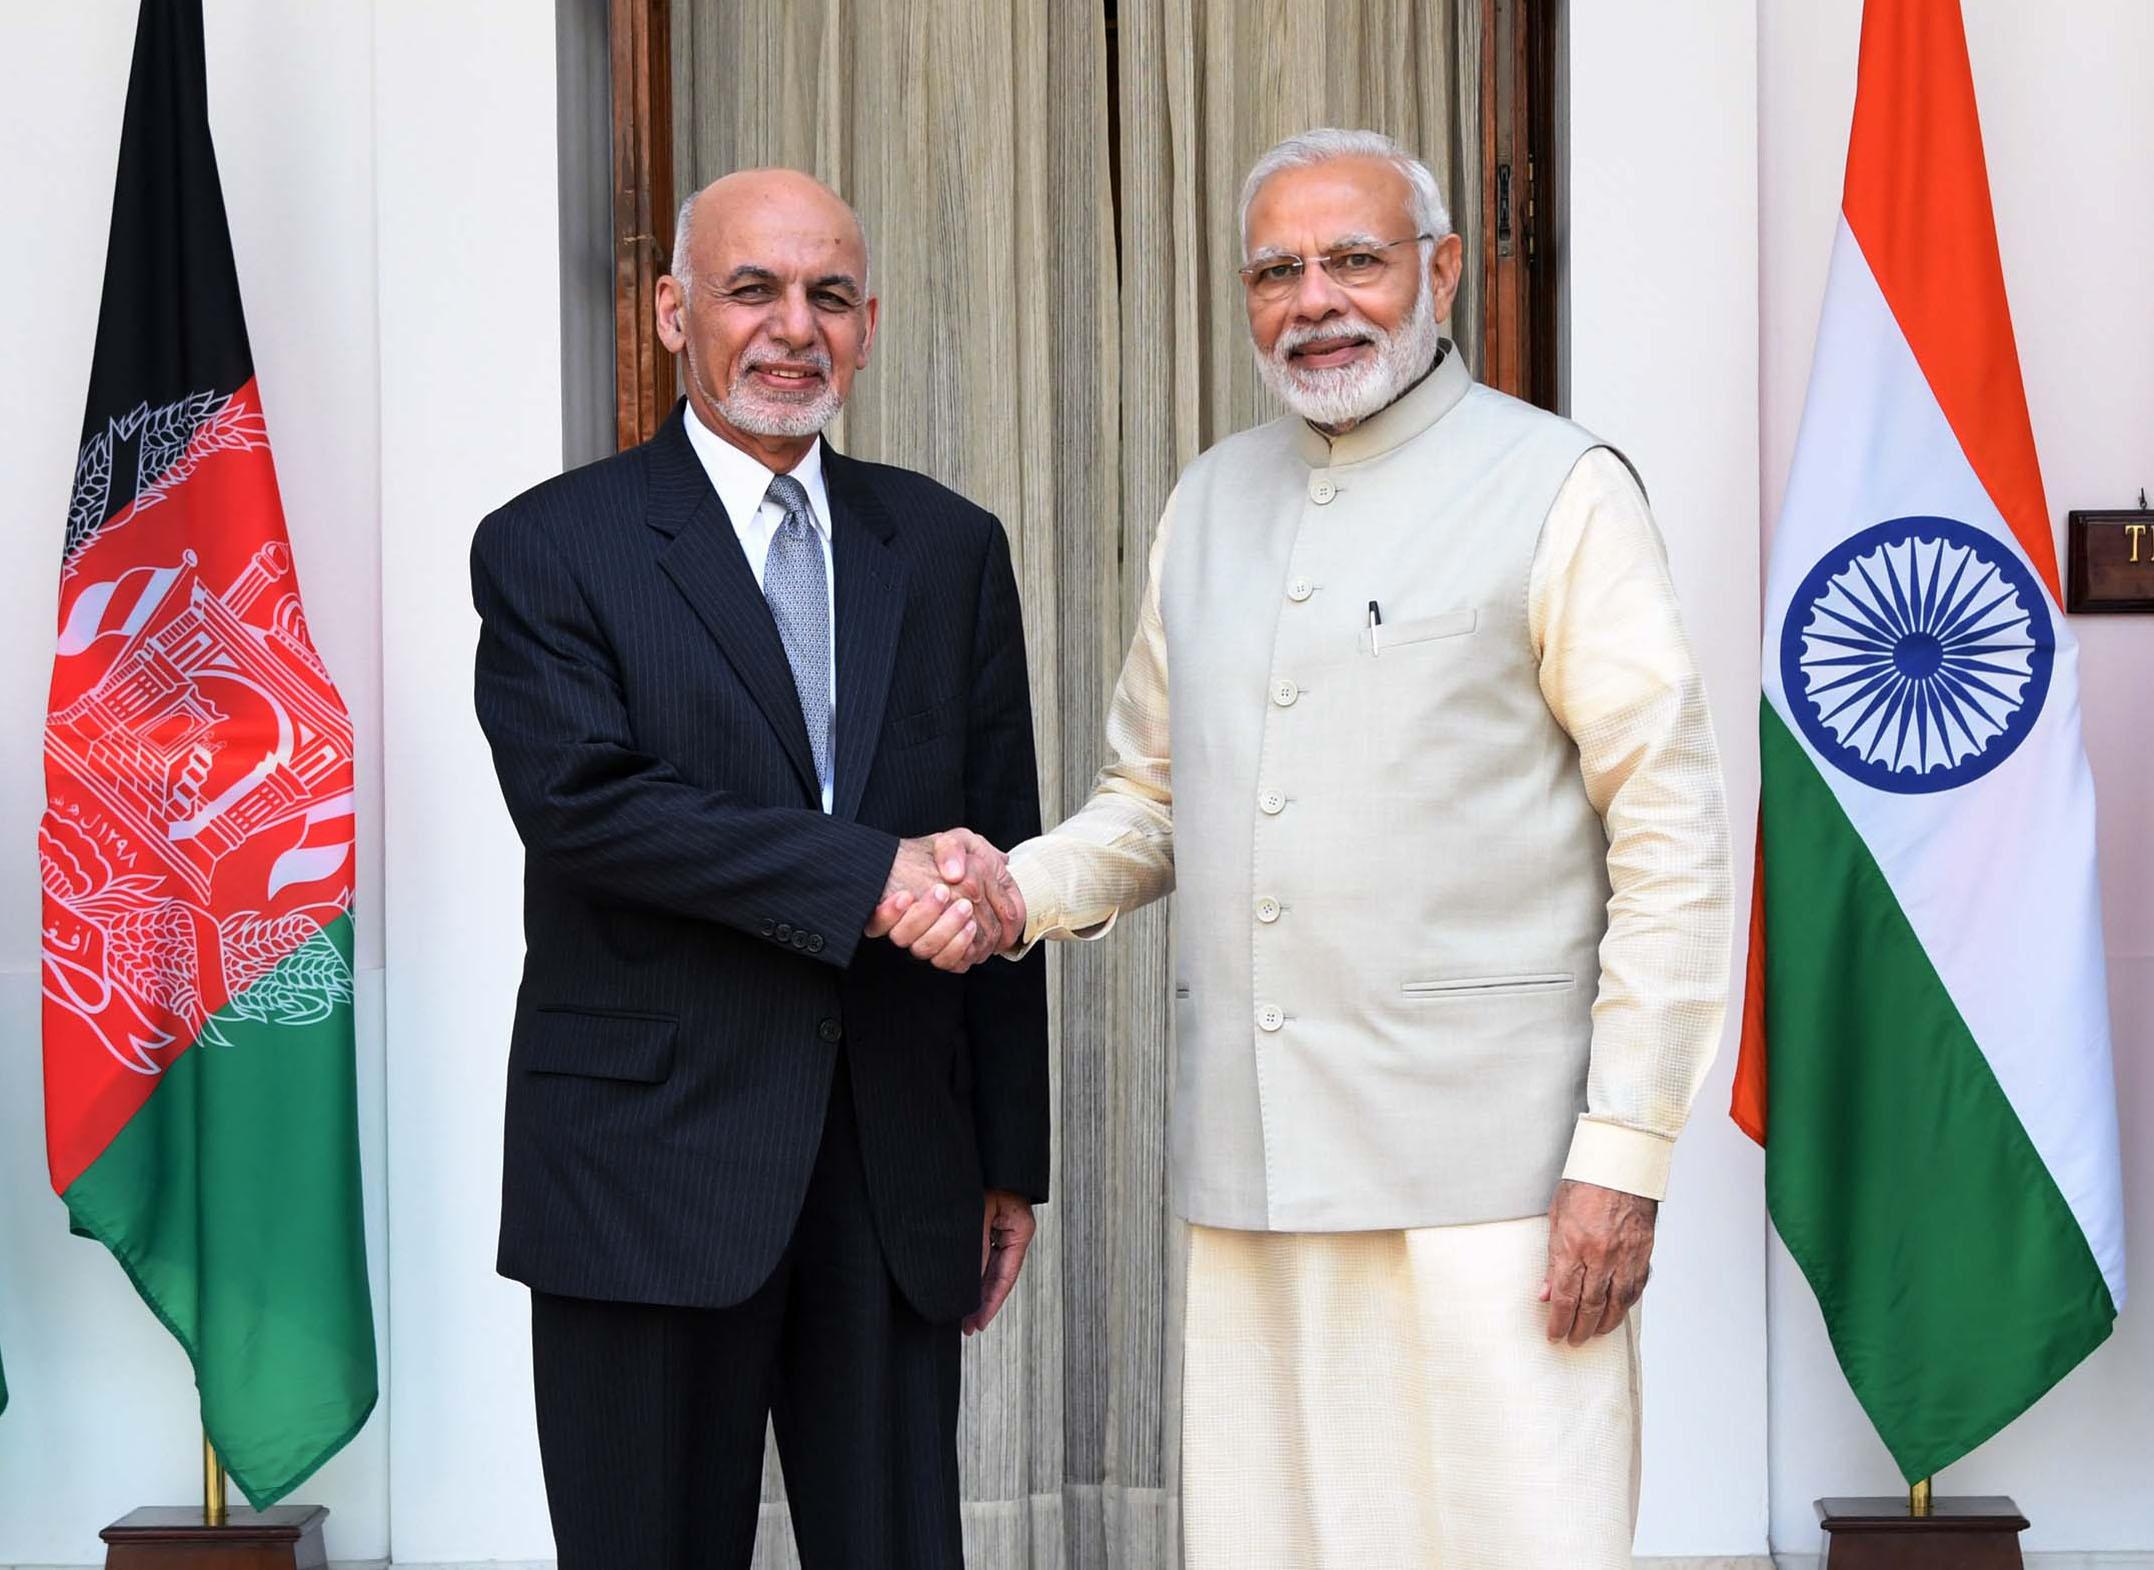 Fil The Prime Minister Shri Narendra Modi Meeting The President Of Afghanistan Dr Mohammad Ashraf Ghani At Hyderabad House In New Delhi On September 19 2018 Jpg Wikipedia Den Frie Encyklopaedi